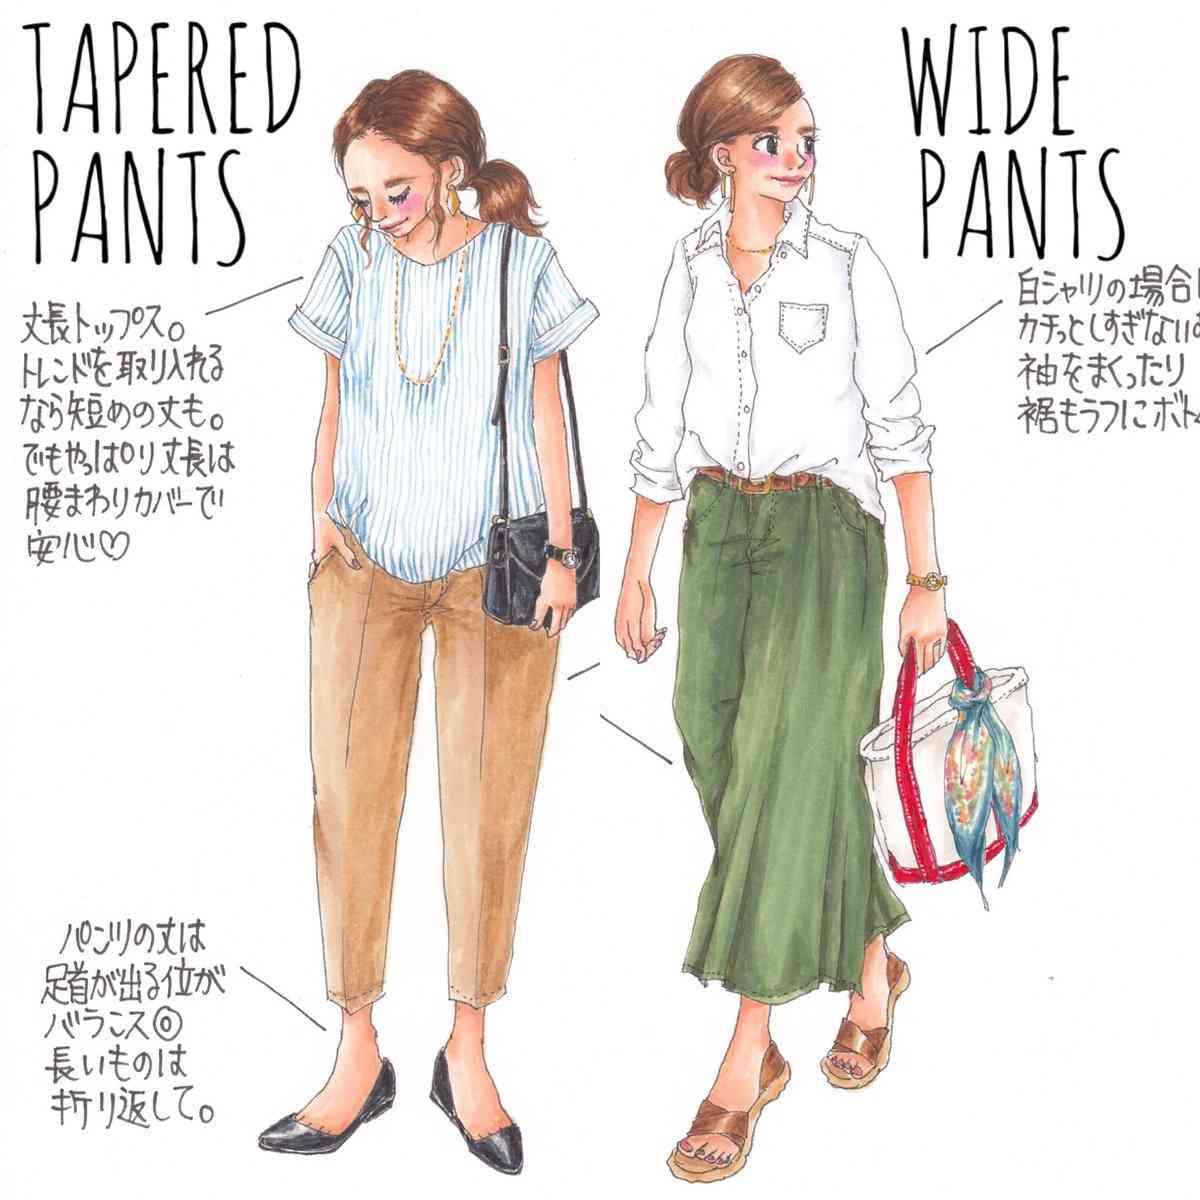 40歳以上の方、洋服の買い替えしていますか?